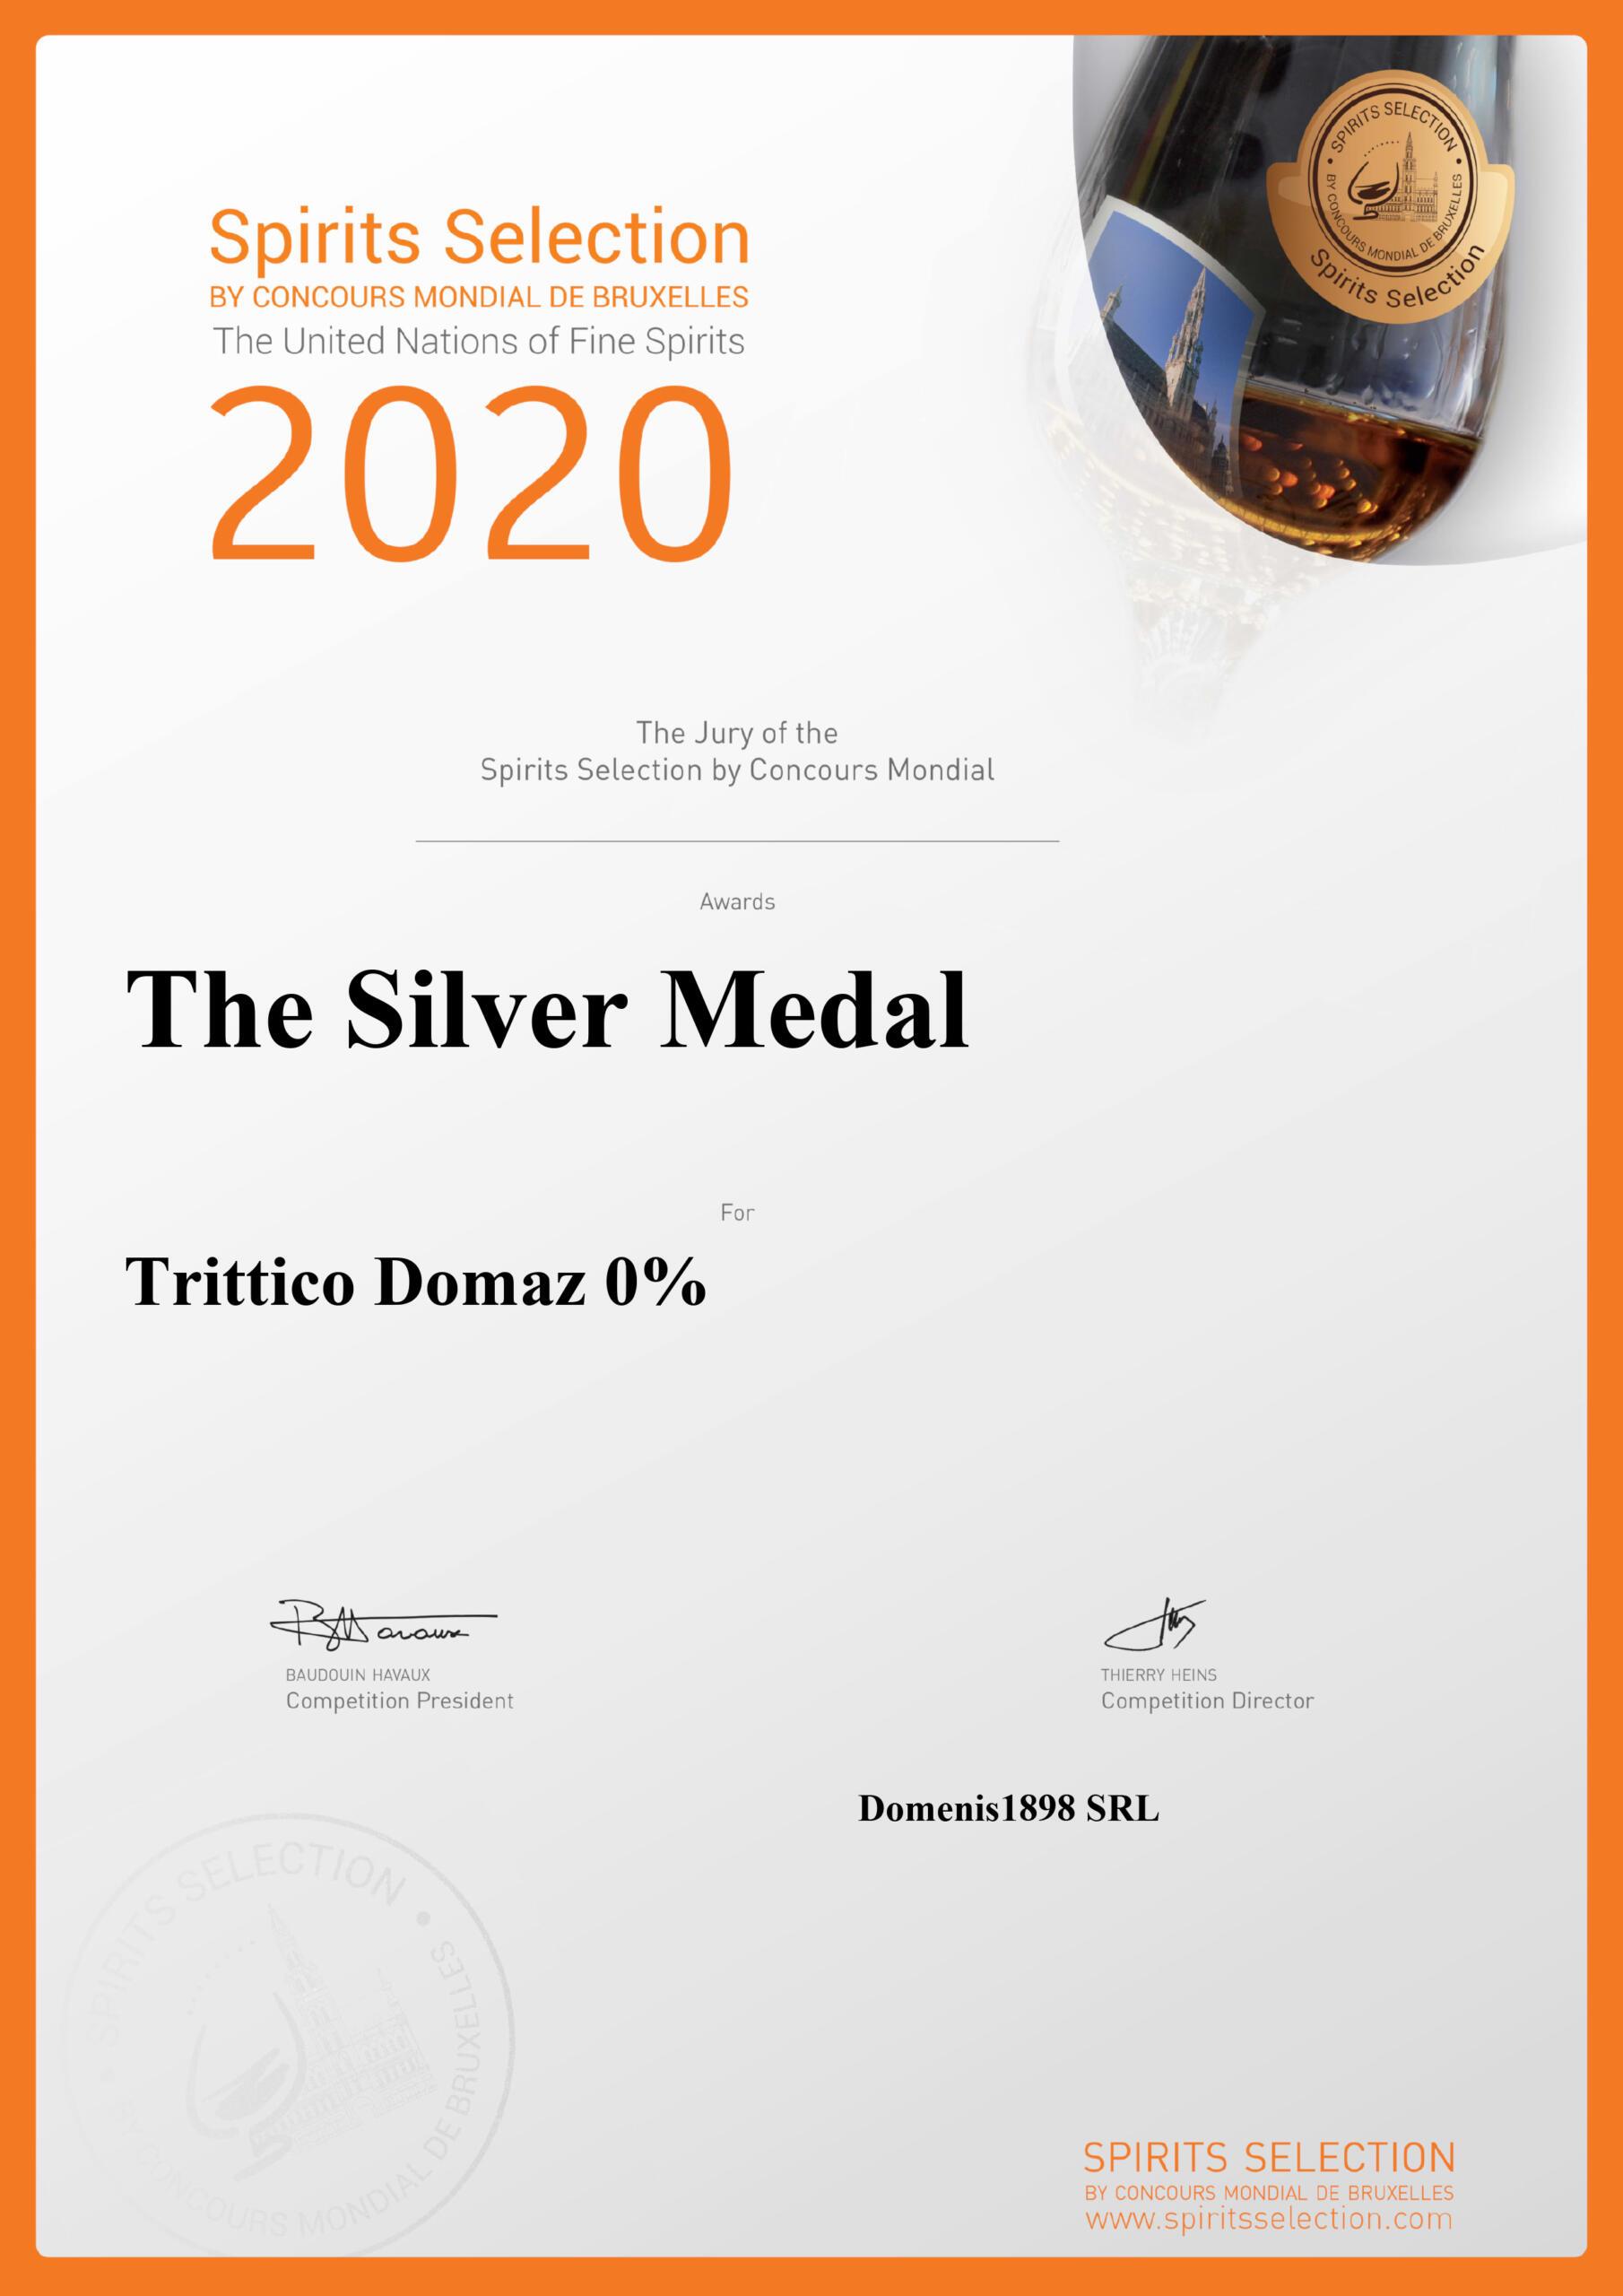 Spirits Selection by Concours Mondial de Bruxelles 2020 – Silver Medal – Trittico Domaz